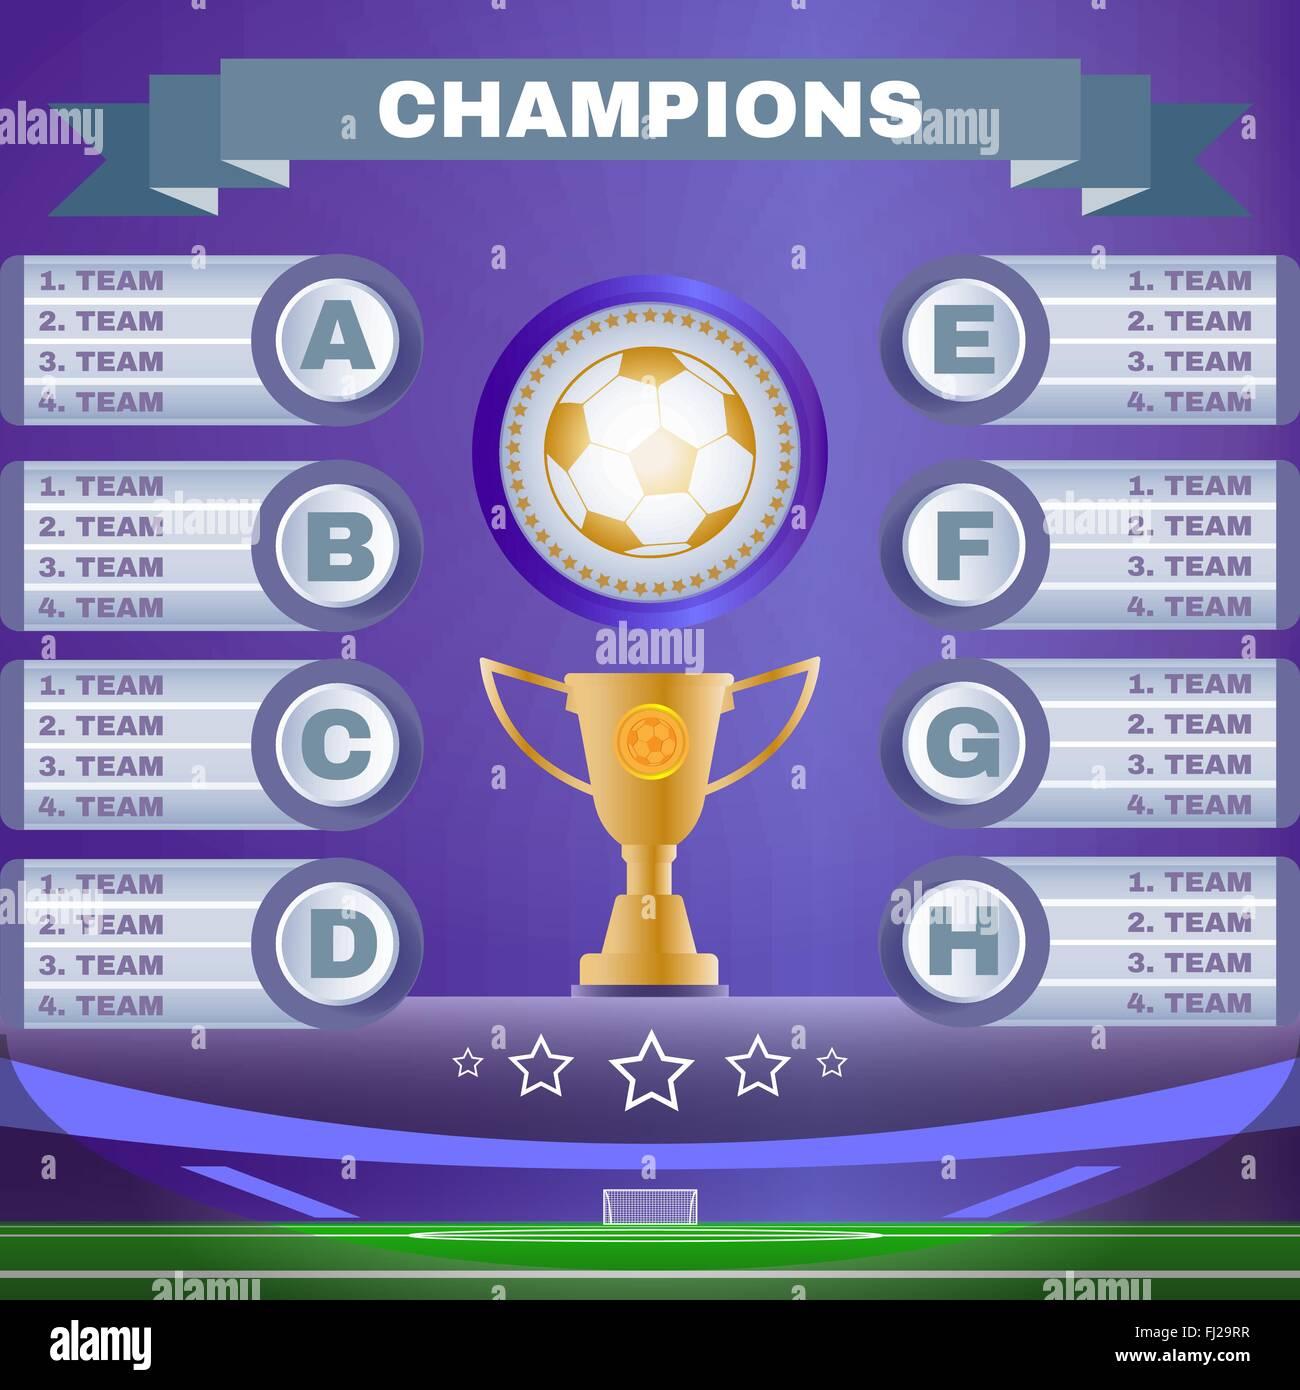 soccer champions scoreboard template on purple backdrop sports